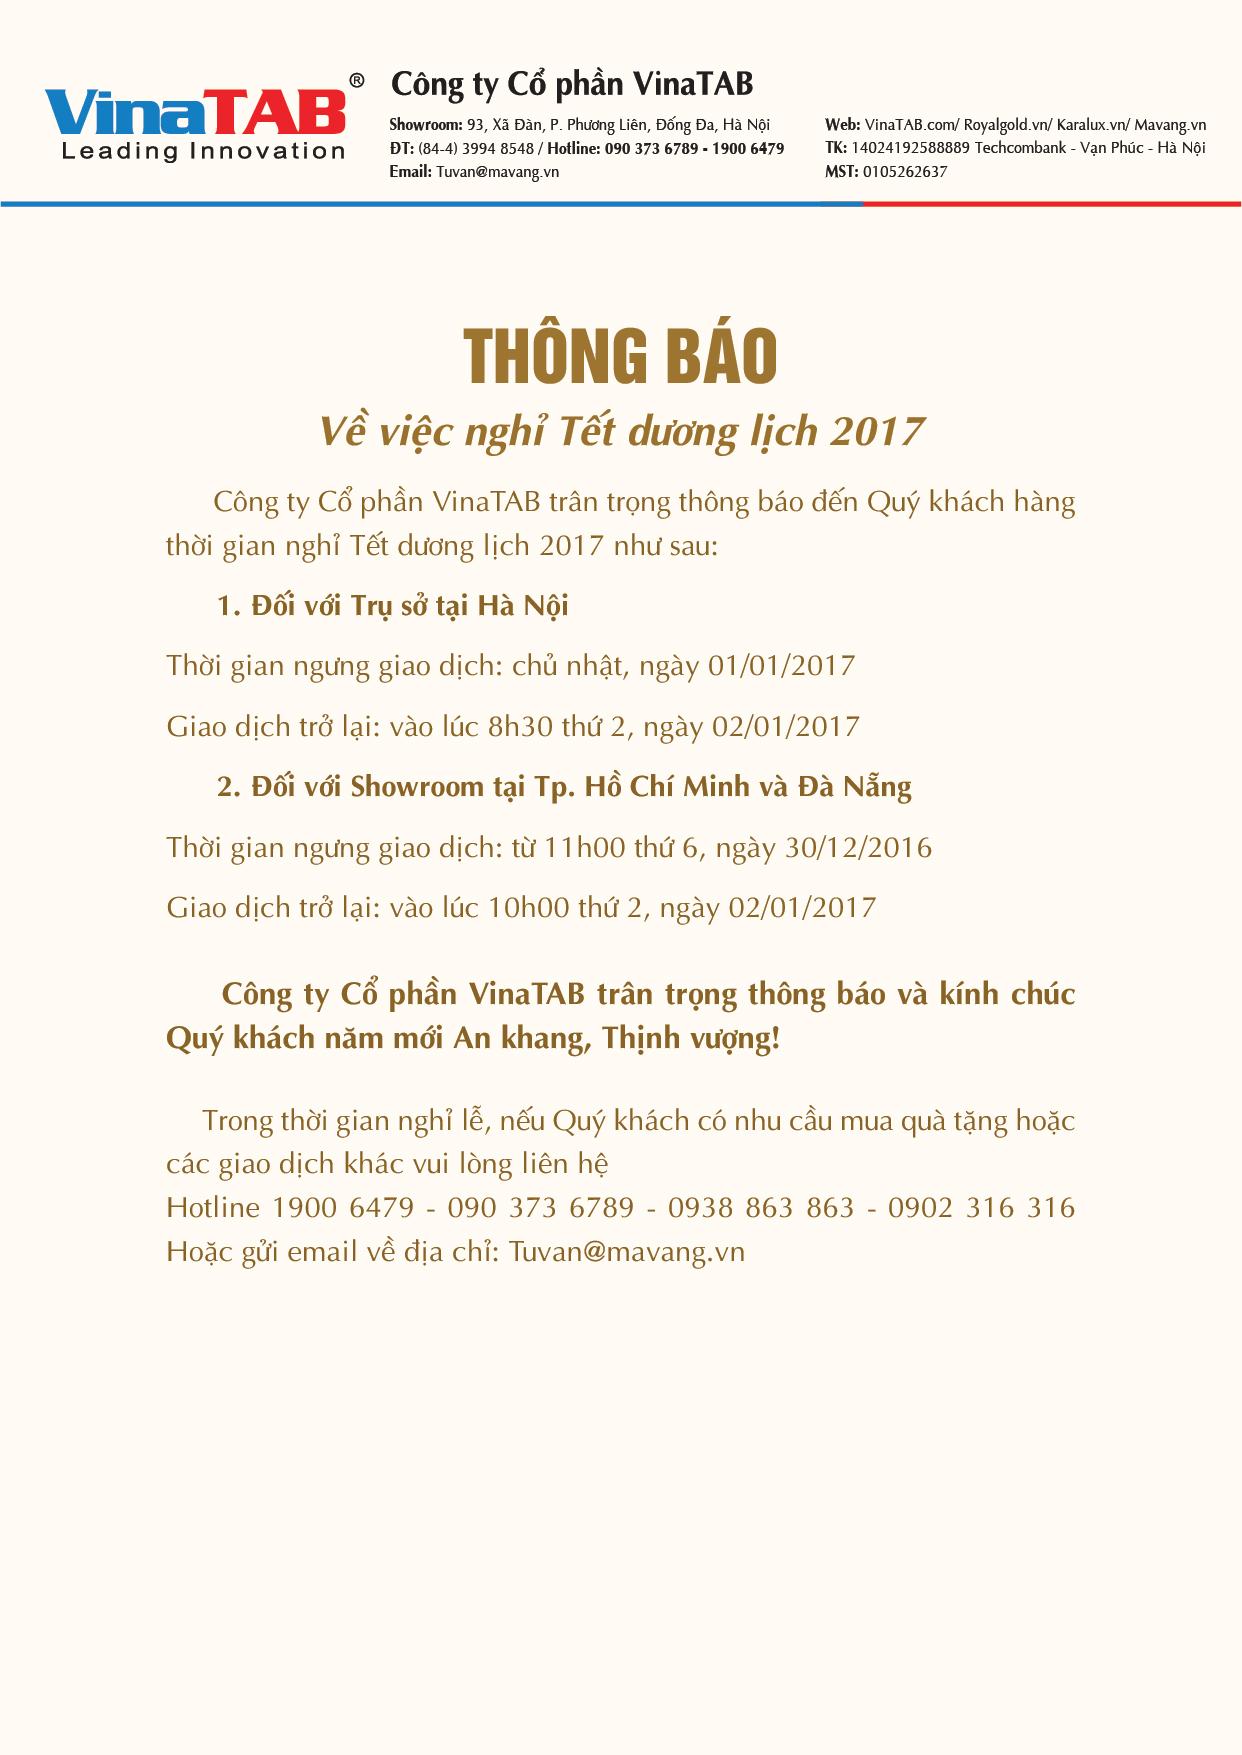 thong-bao-nghi-tet-duong-lich